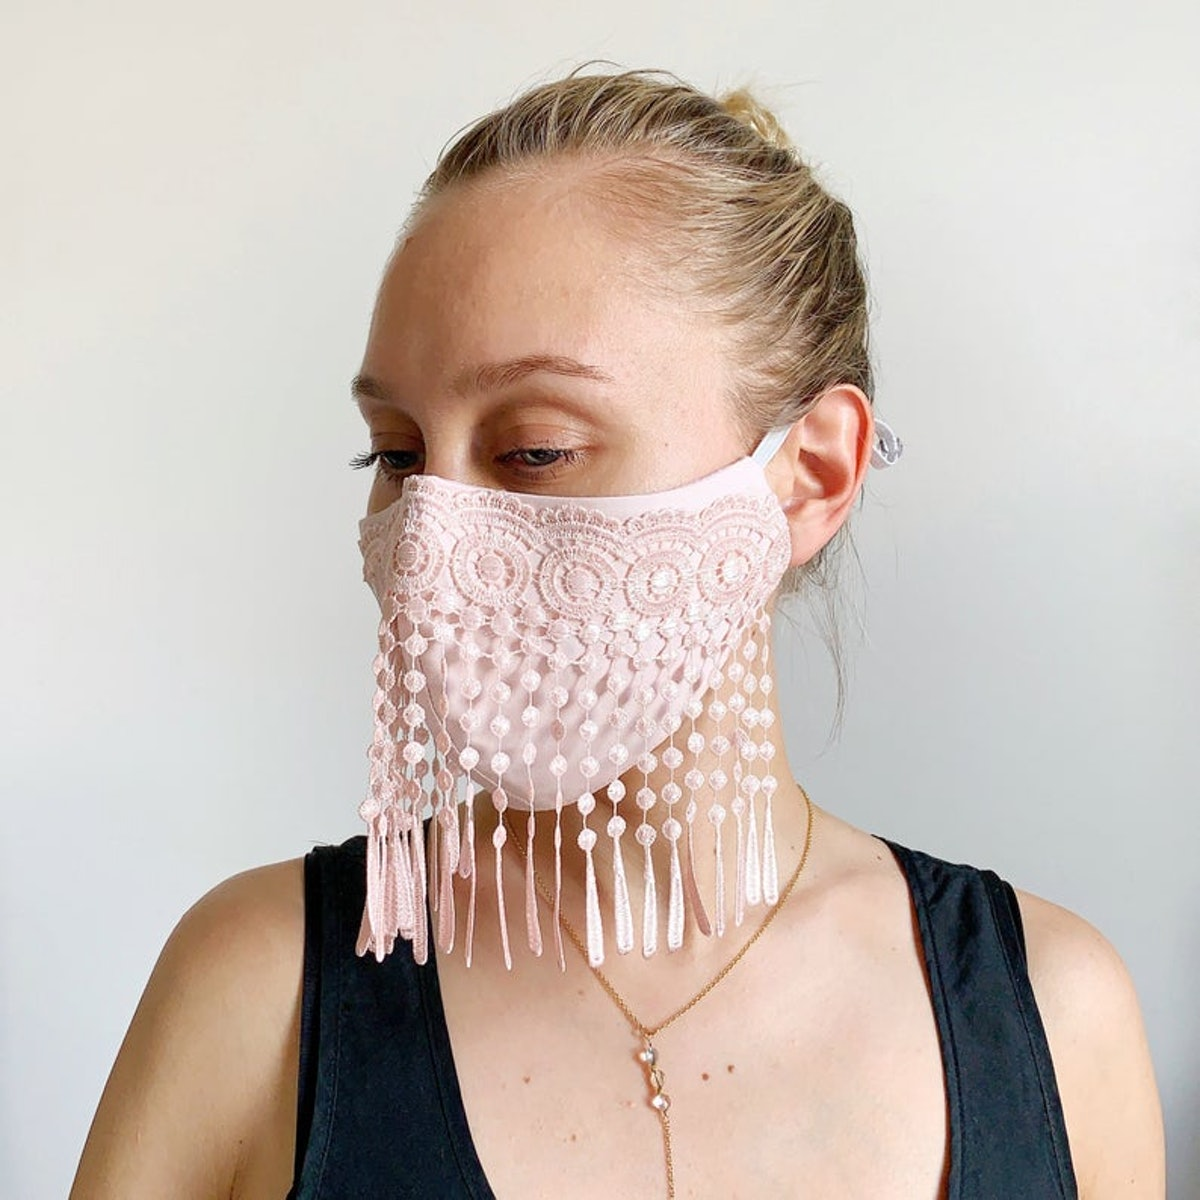 Fashion Stylish Cotton Face Mask with Lace fringe Pink | dust mask Festival look boho wedding mask Adult size soft adjustable elastic